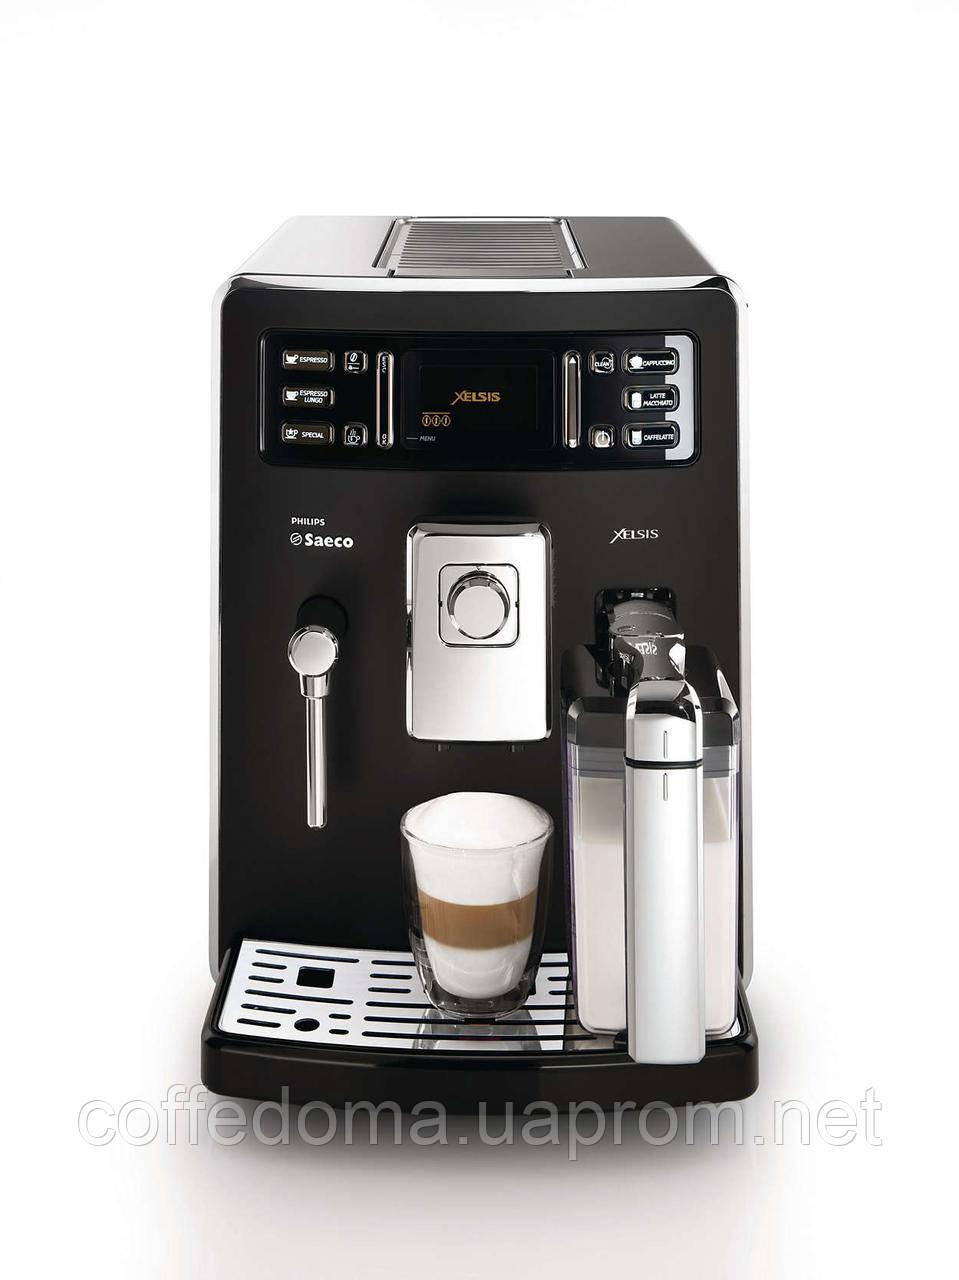 Saeco Xelsis HD 8942 полностью автоматическая кофемашина